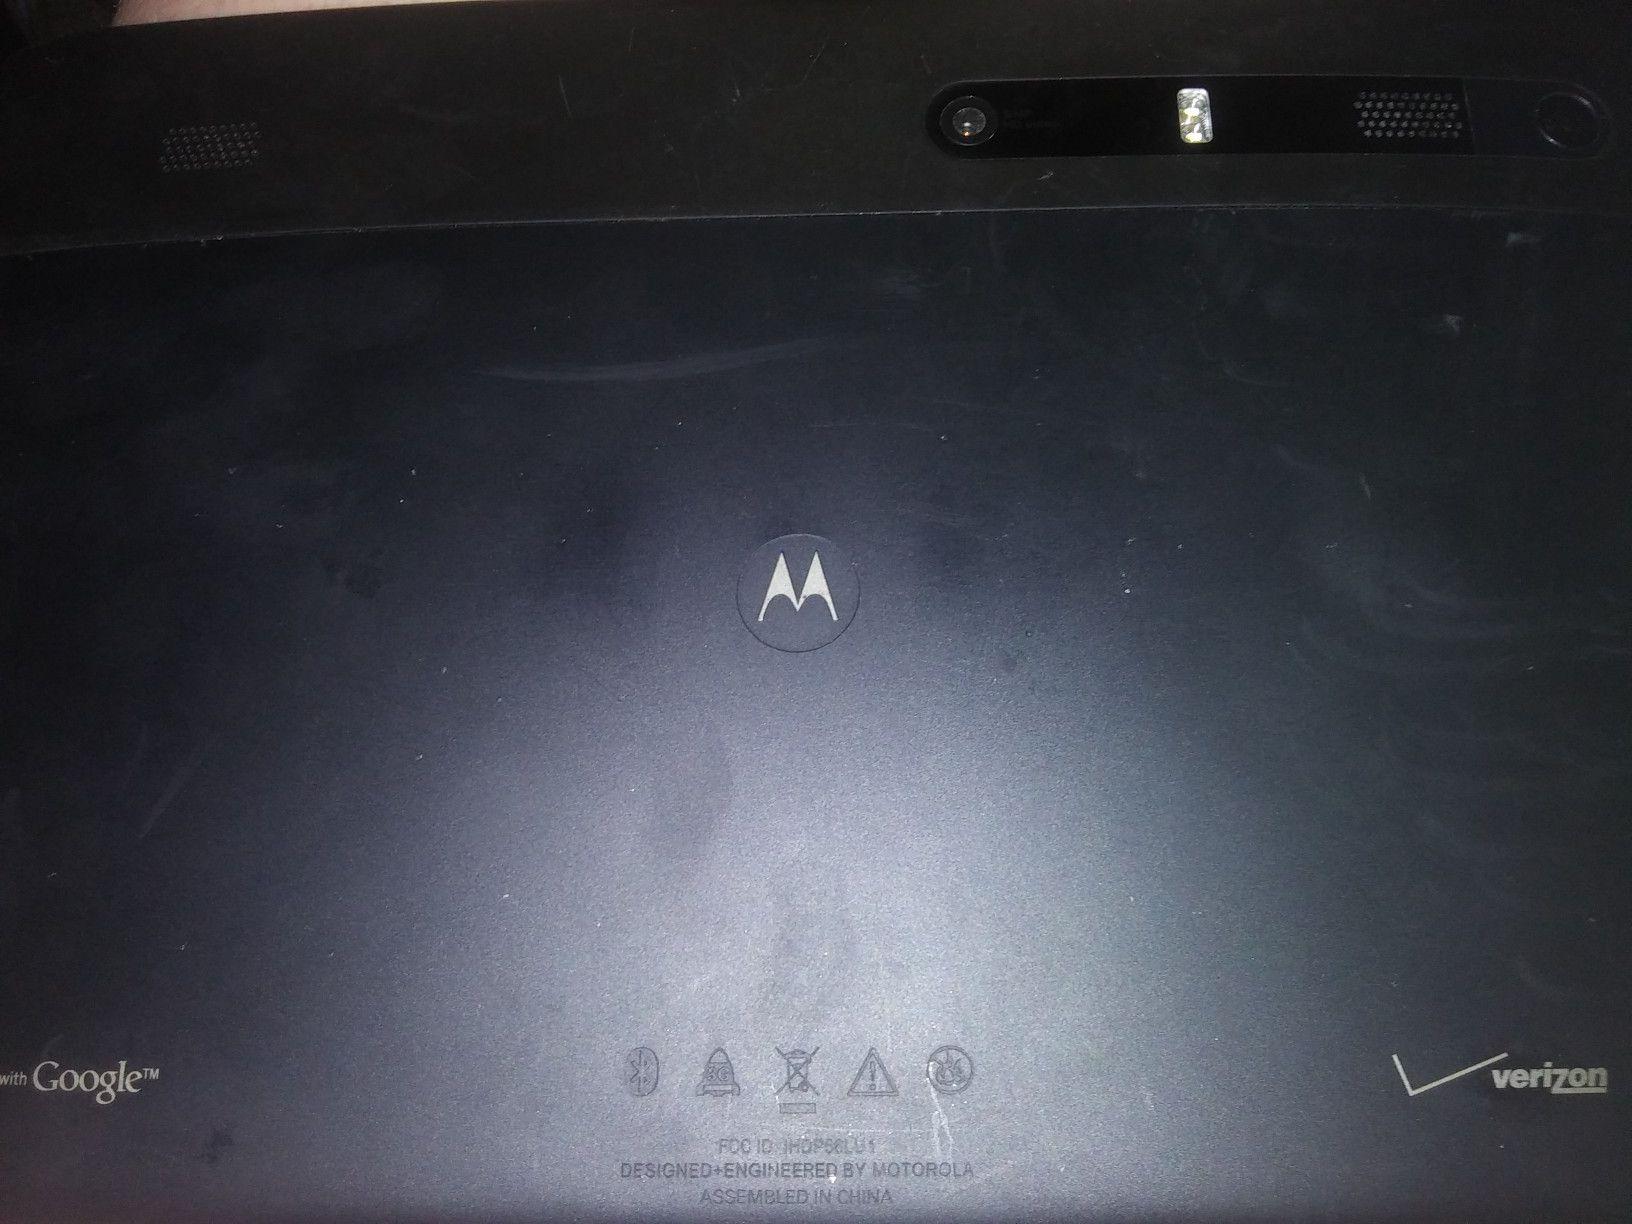 Motorola Verizon tablet